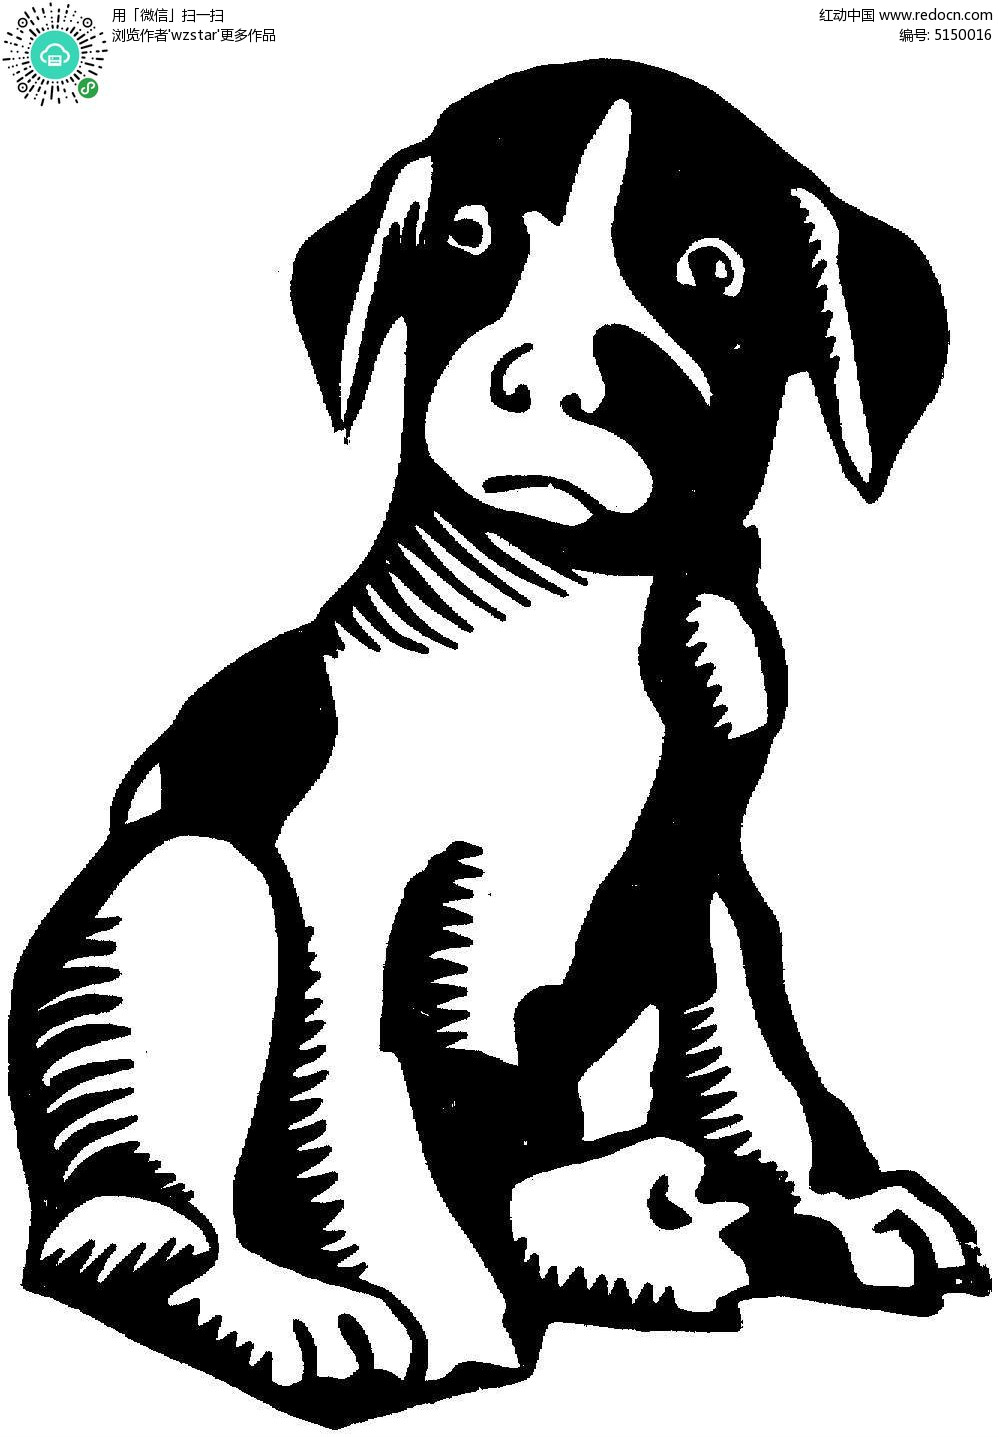 黑白 雕刻参考图 石雕 扫描 打印稿 手绘 插画 插图设计